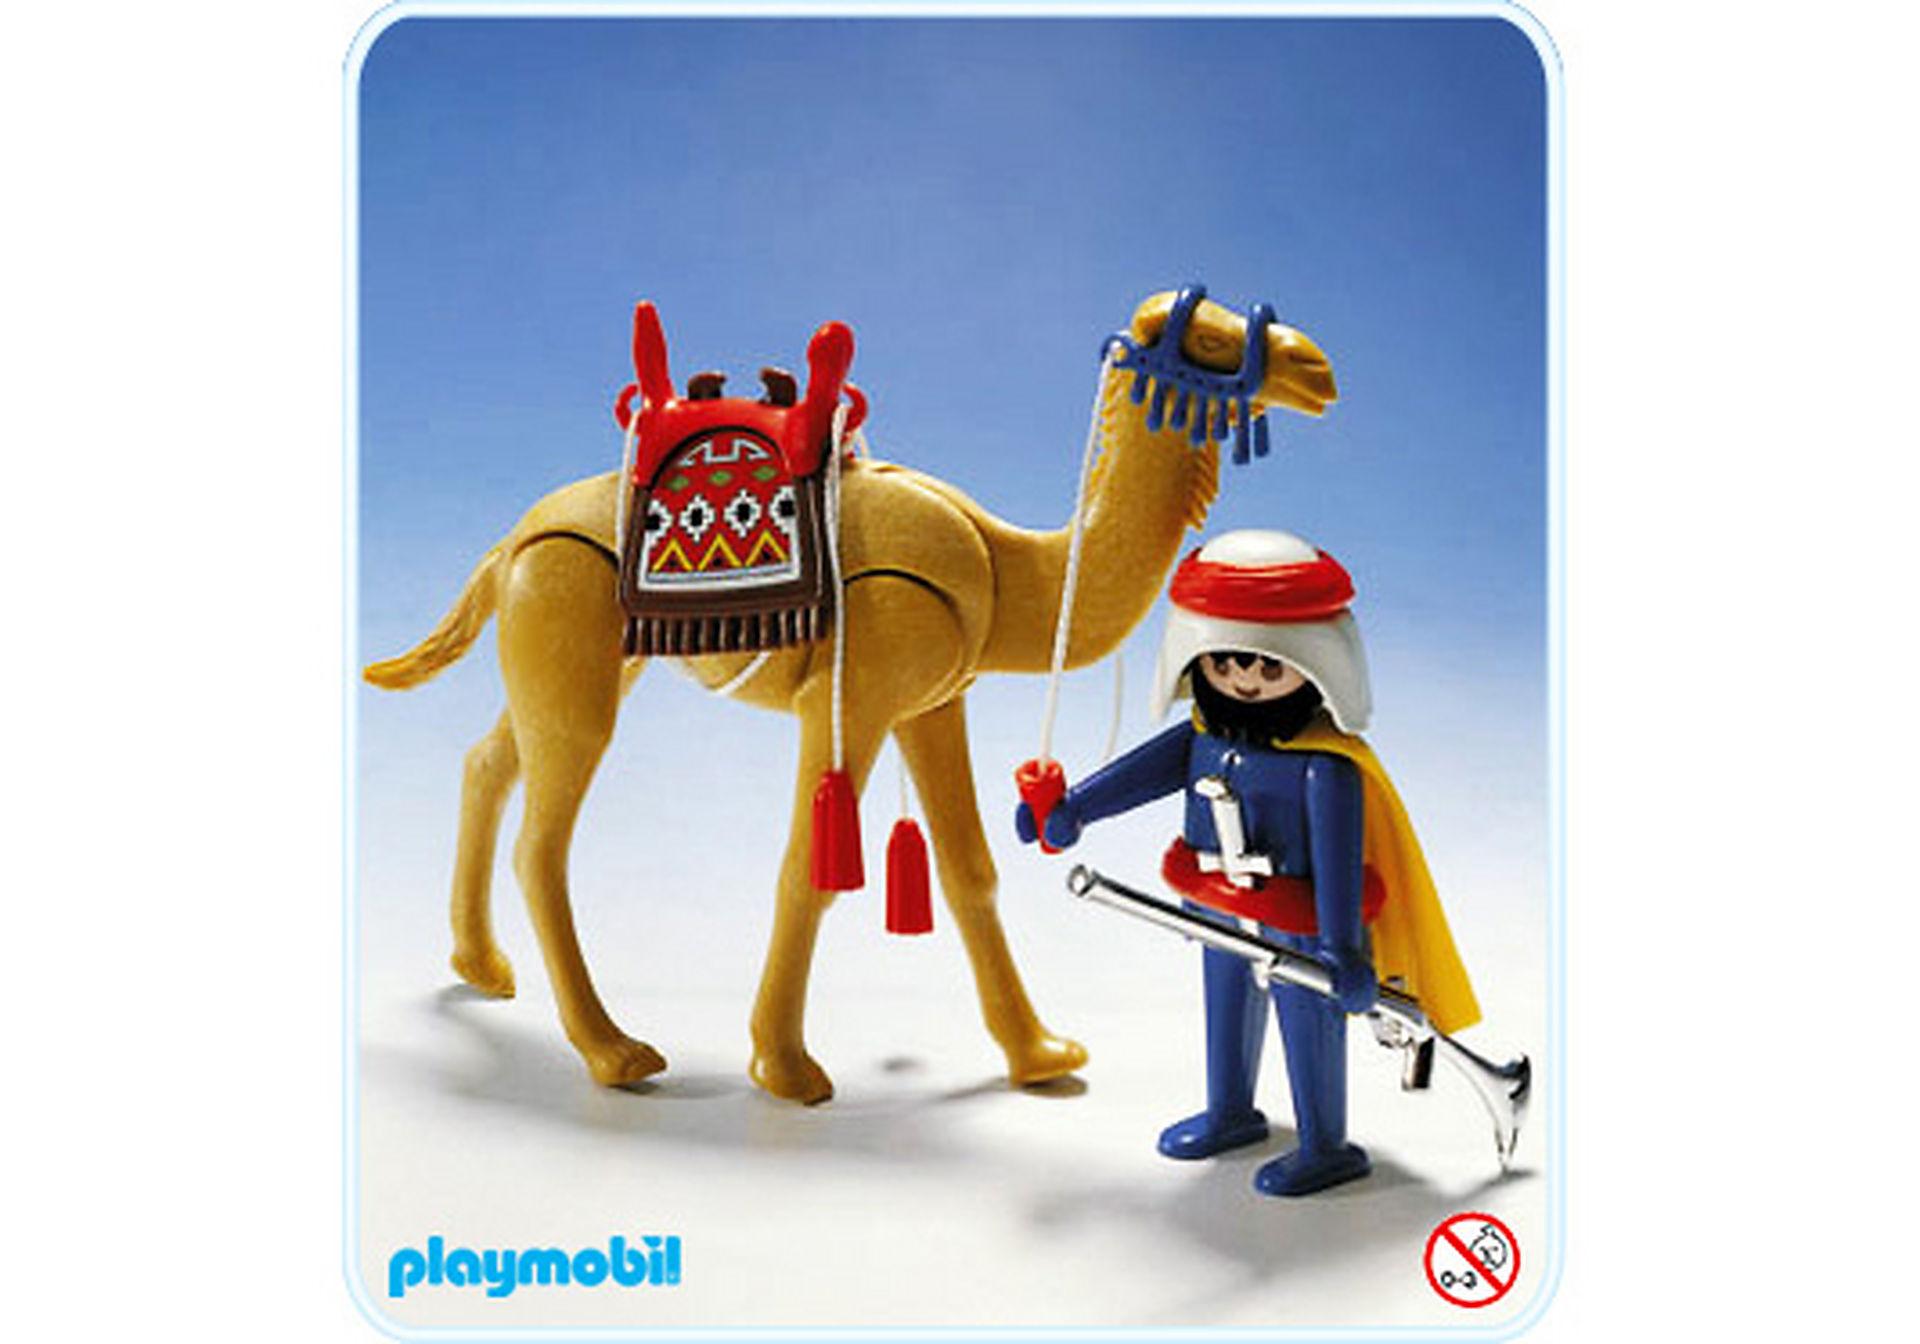 http://media.playmobil.com/i/playmobil/3586-A_product_detail/Beduine/Dromedar